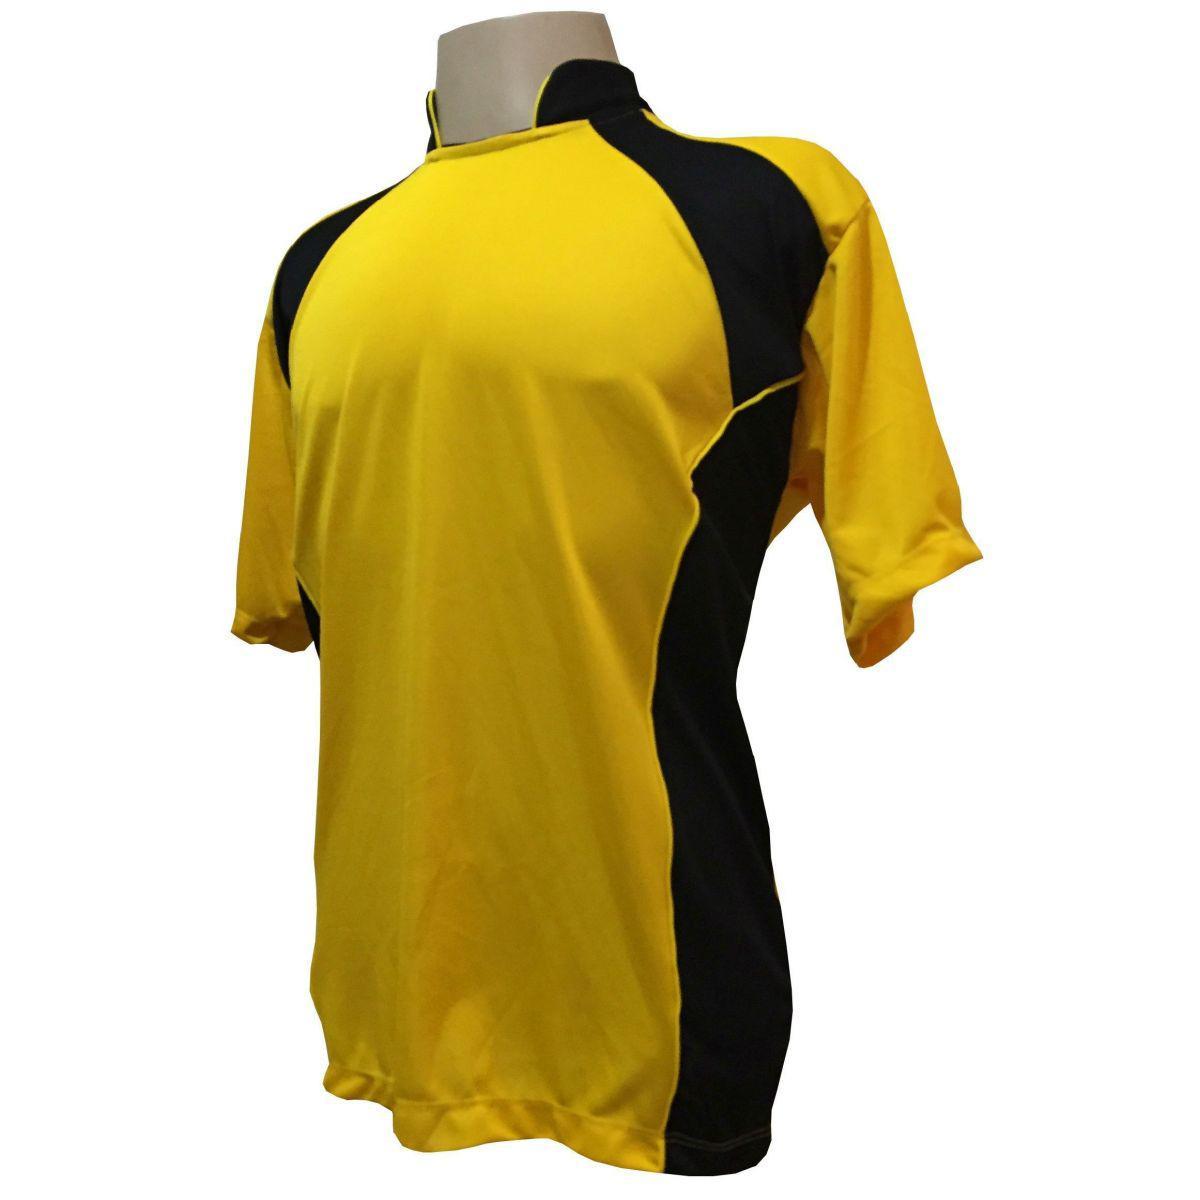 325254c814 Uniforme Esportivo com 14 camisas modelo Suécia Amarelo Preto + 14 calções  modelo Copa + 1 Goleiro + Brindes - Play fair R  639